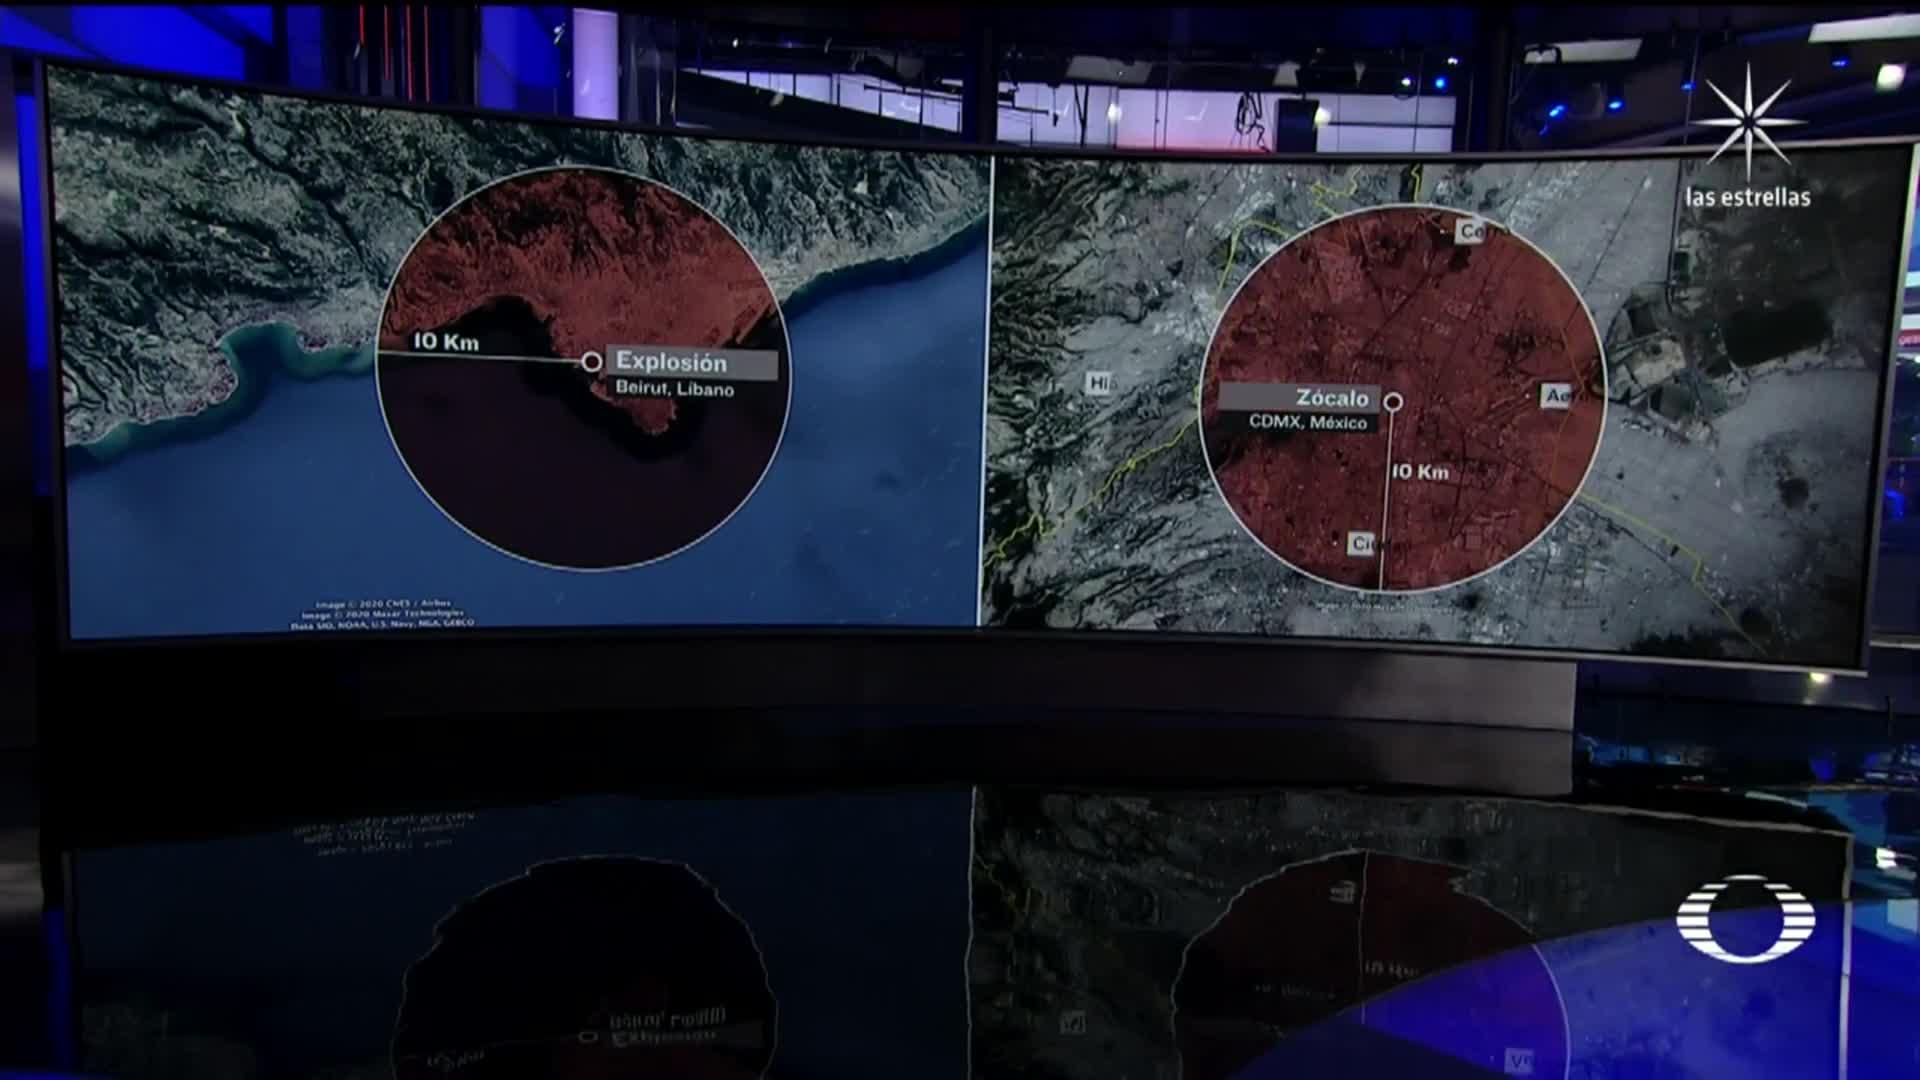 comparativo explosión de Beirut Libano en CDMX México